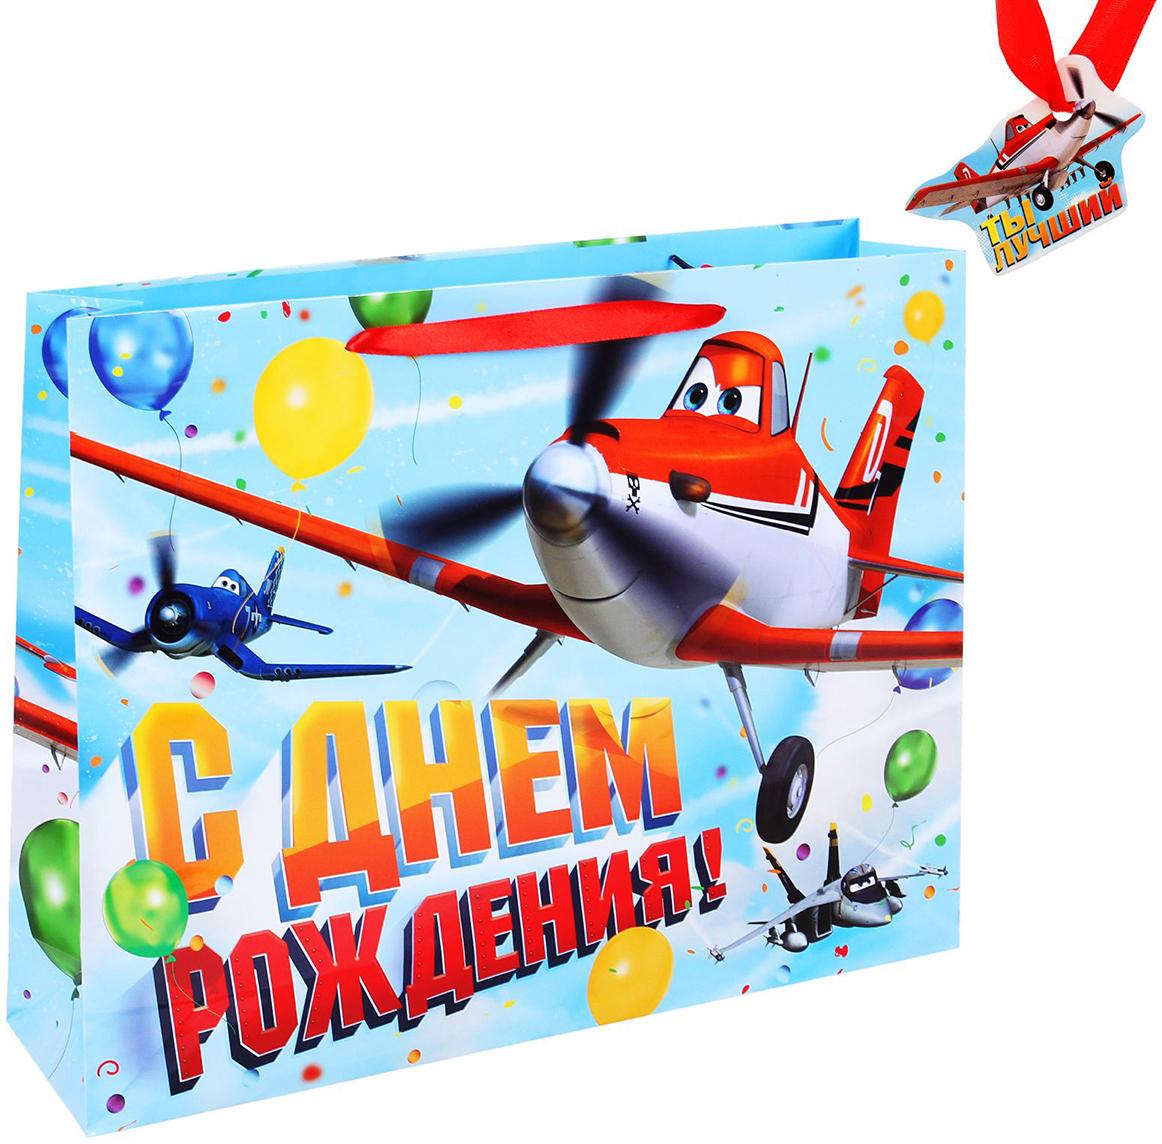 Дню, открытки с днем рождения вертолетчику